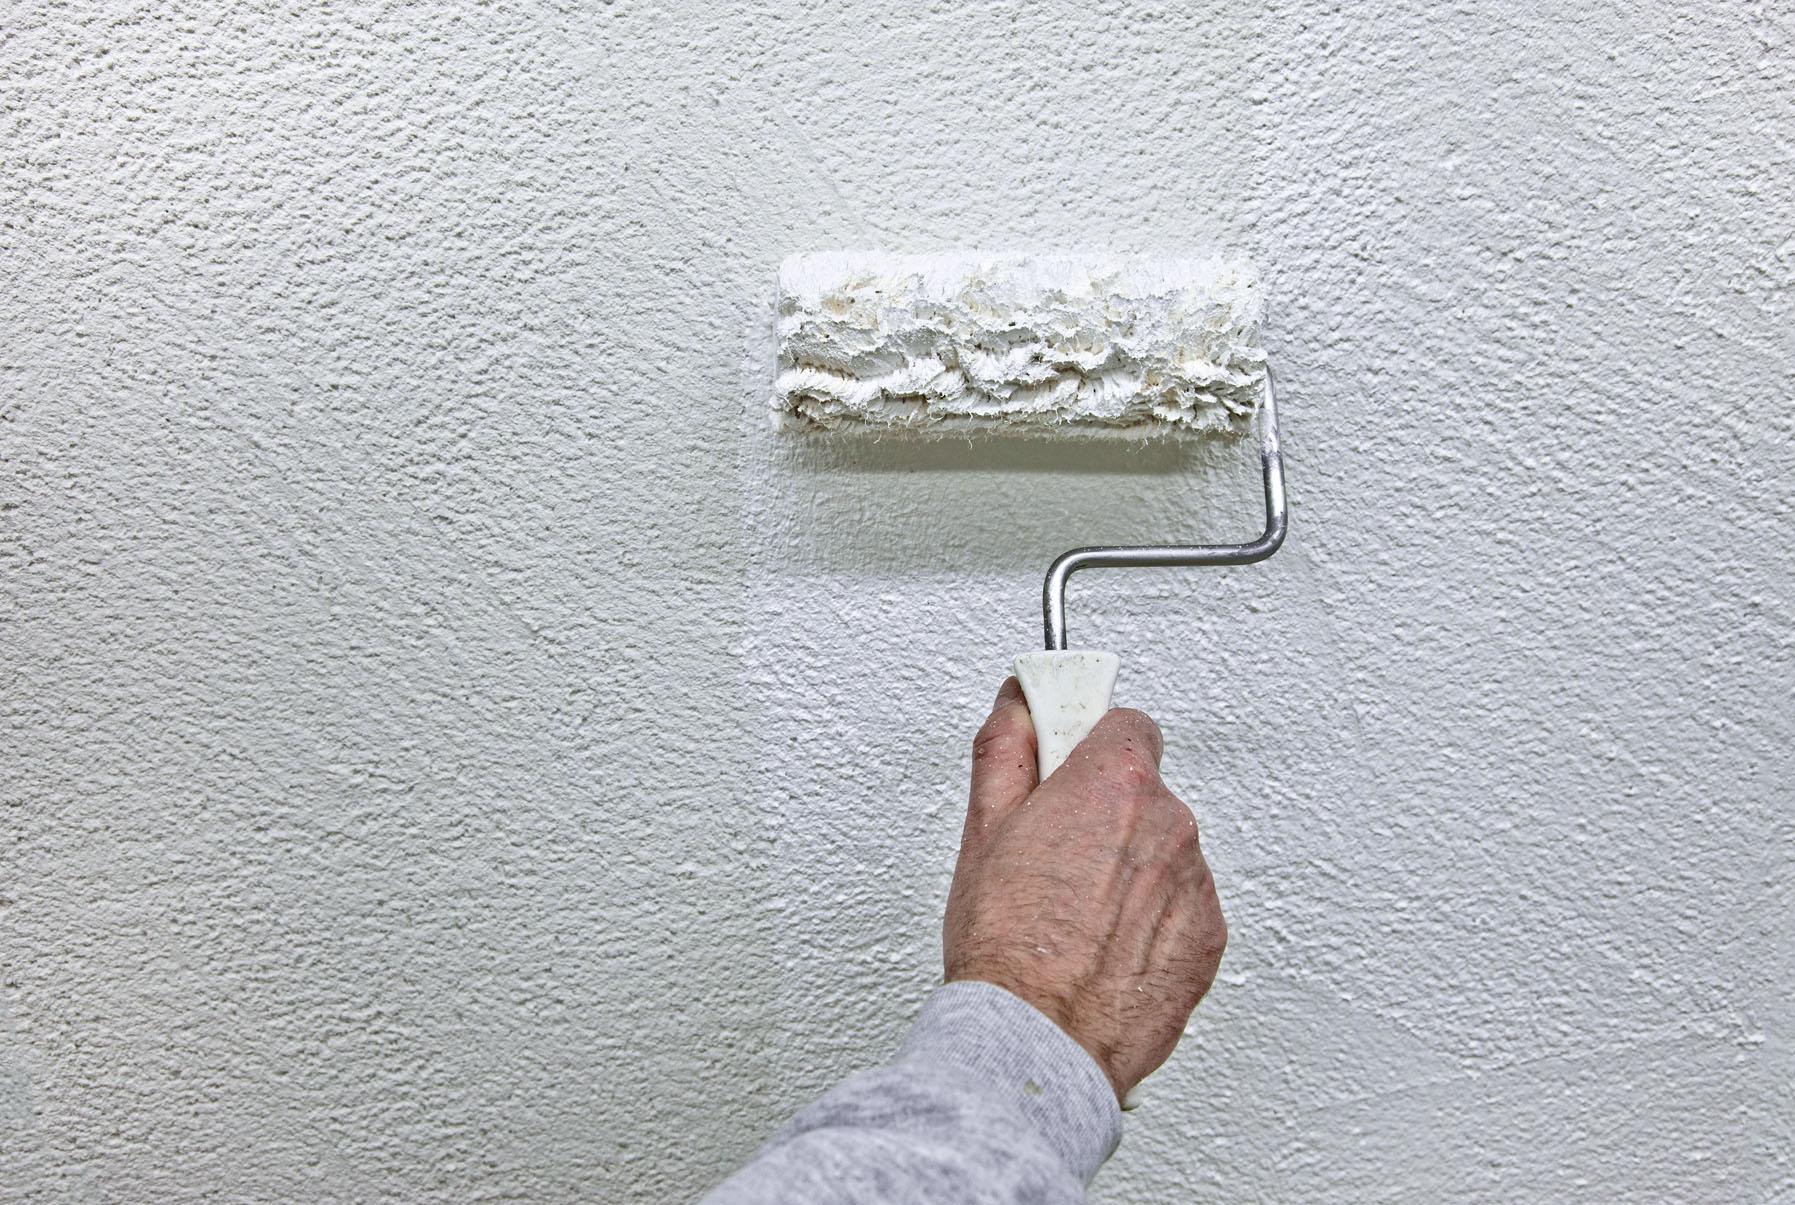 Покрытие стен грунтовкой